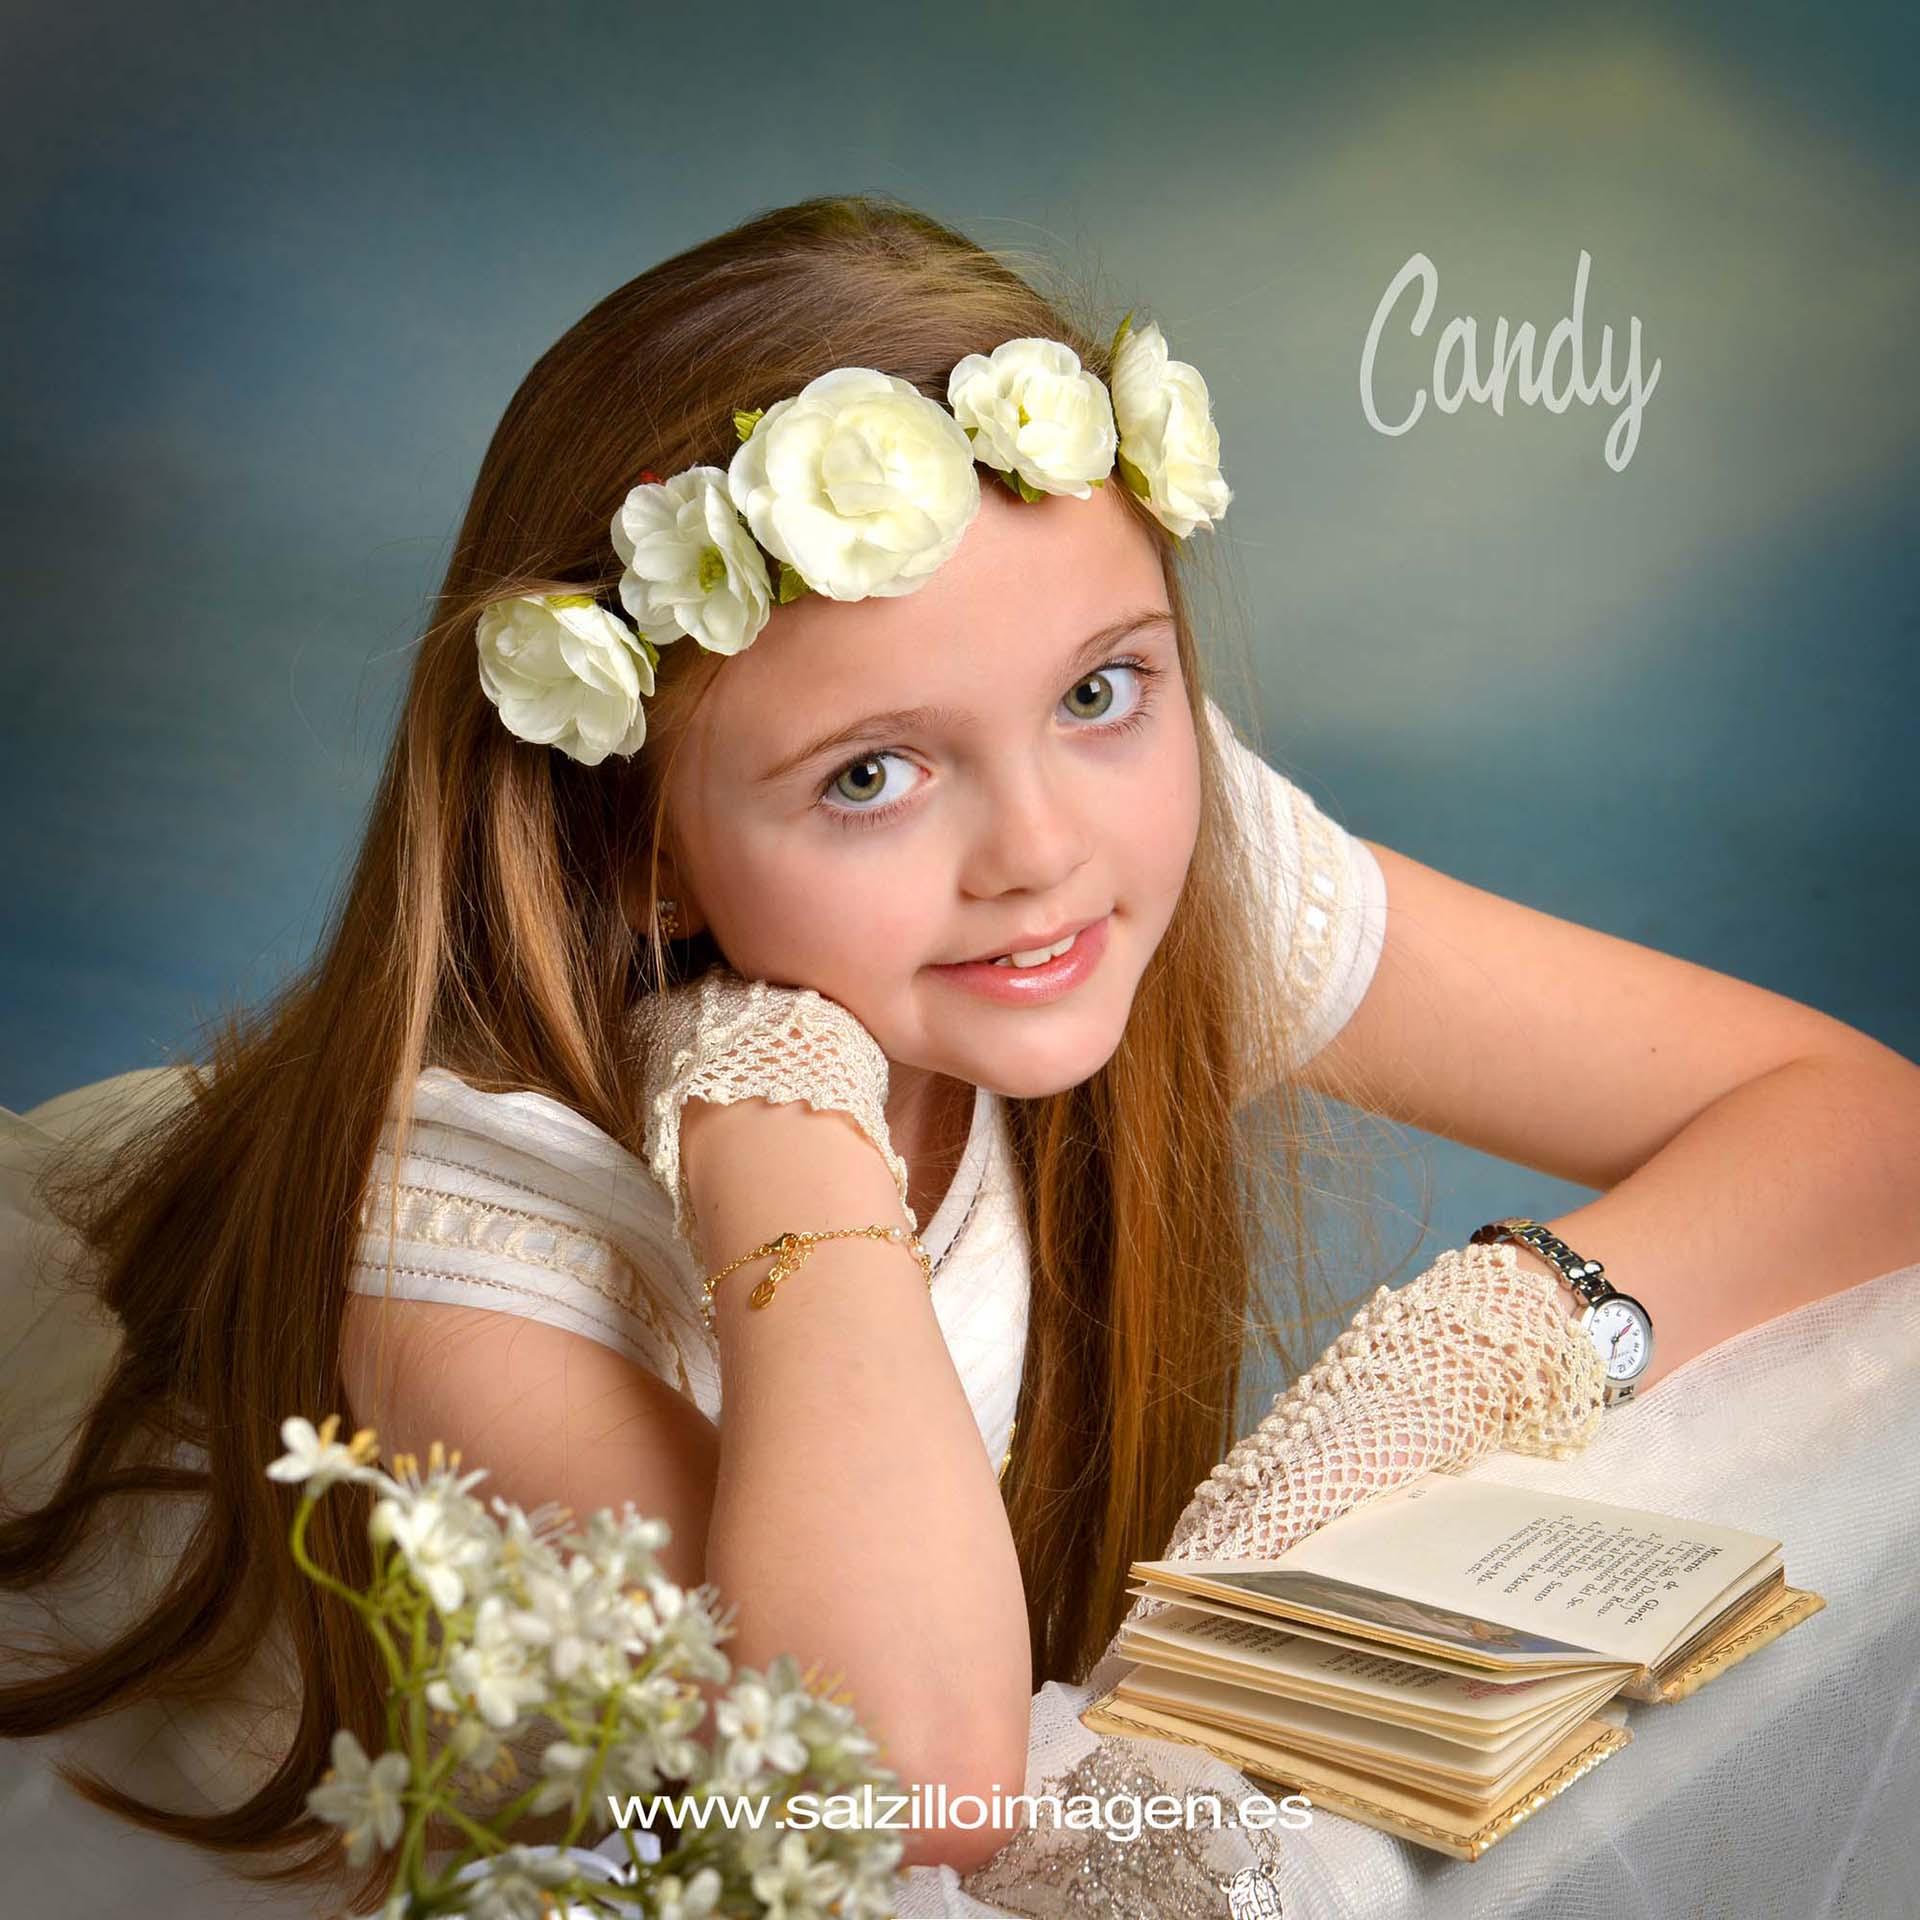 Candy - Álbum de estudio comunión.